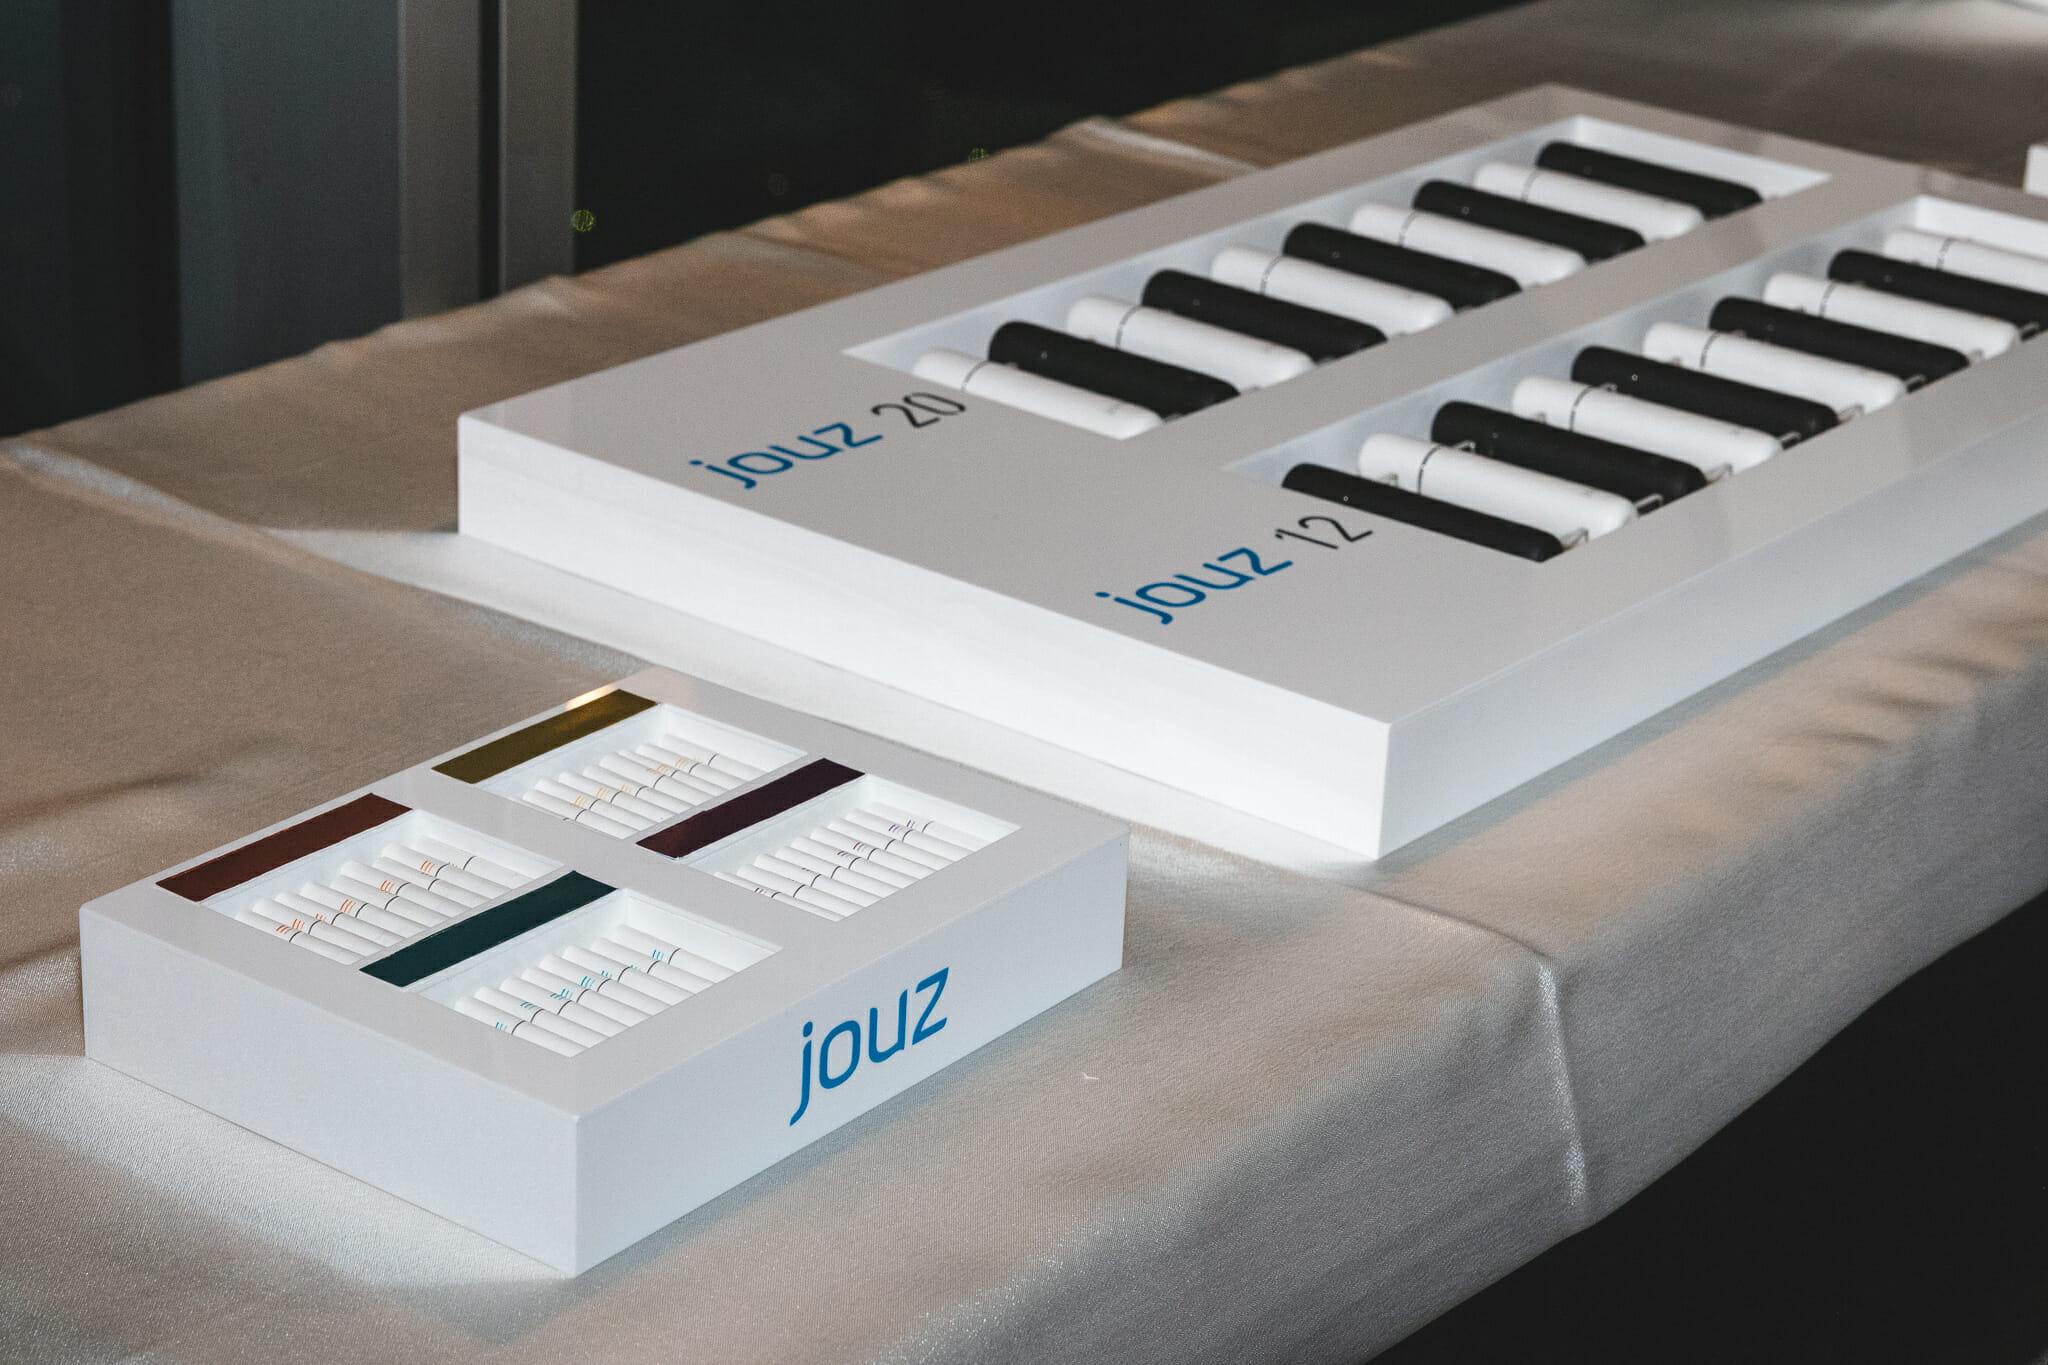 jouz 20 новое устройство с системой нагревания табака и табачными стиками от IQOS